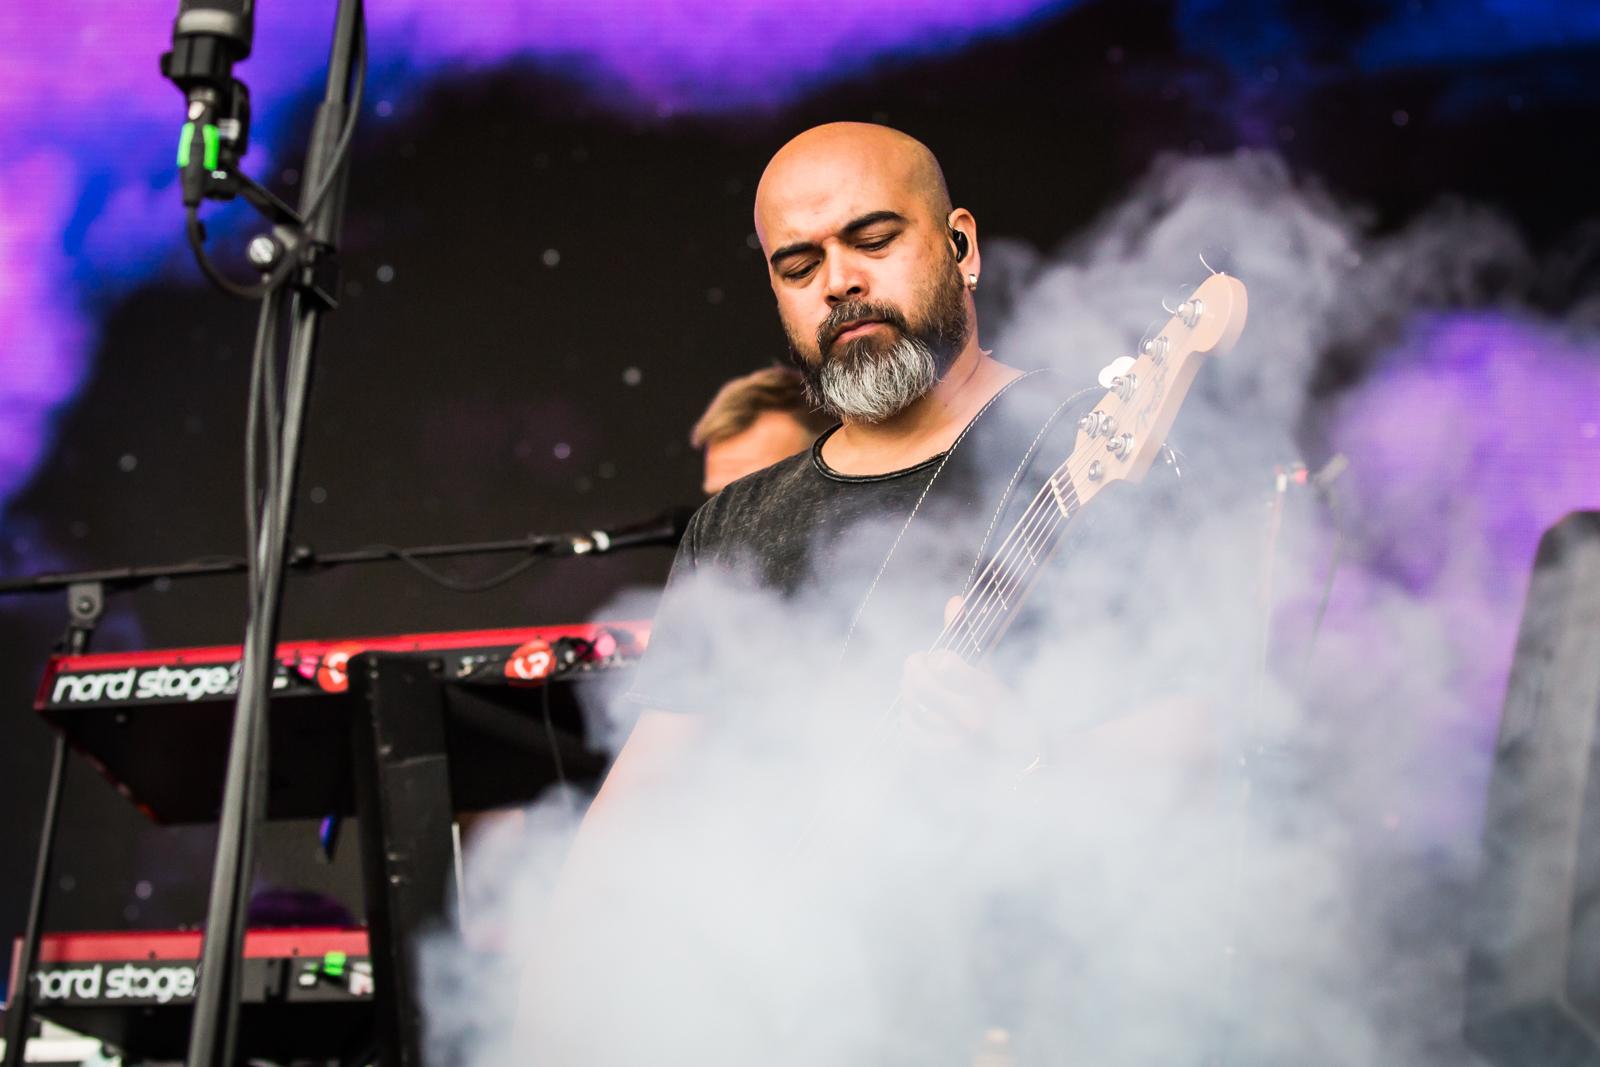 Nova Rock Festival 2018 - Day 4 [Part 5] @ Pannonia Fields